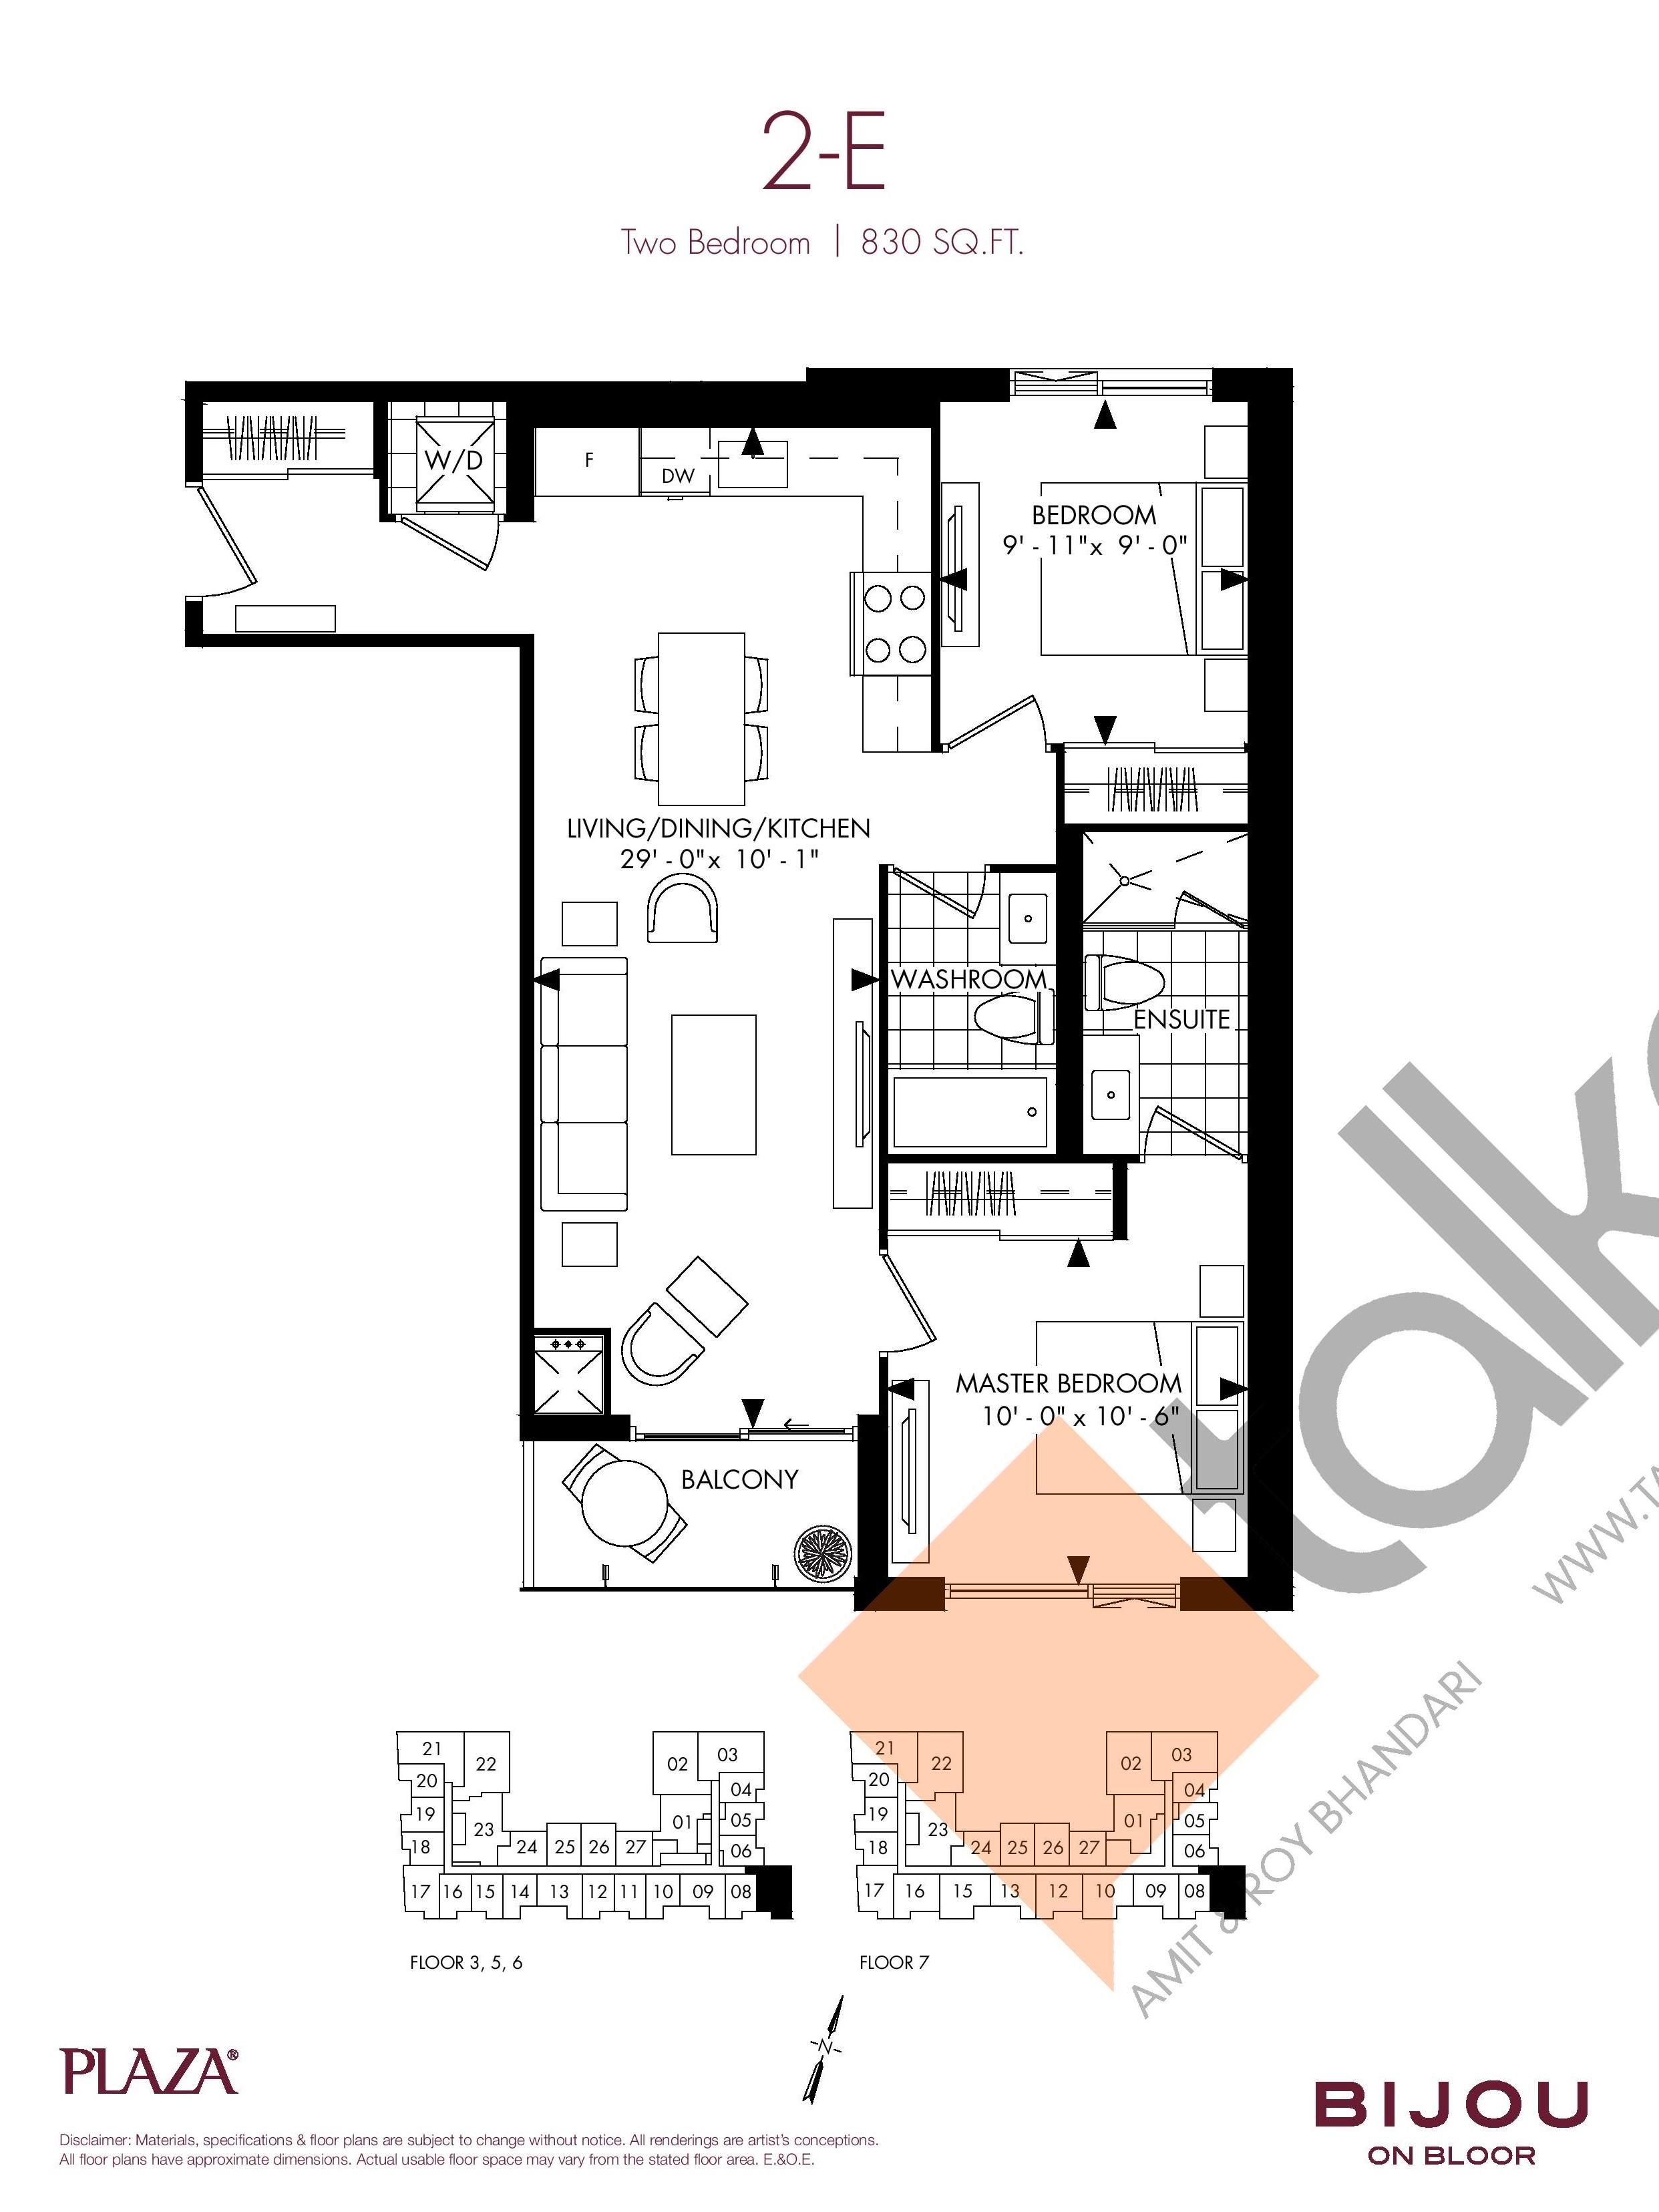 Suite 2-E Floor Plan at Bijou On Bloor Condos - 830 sq.ft